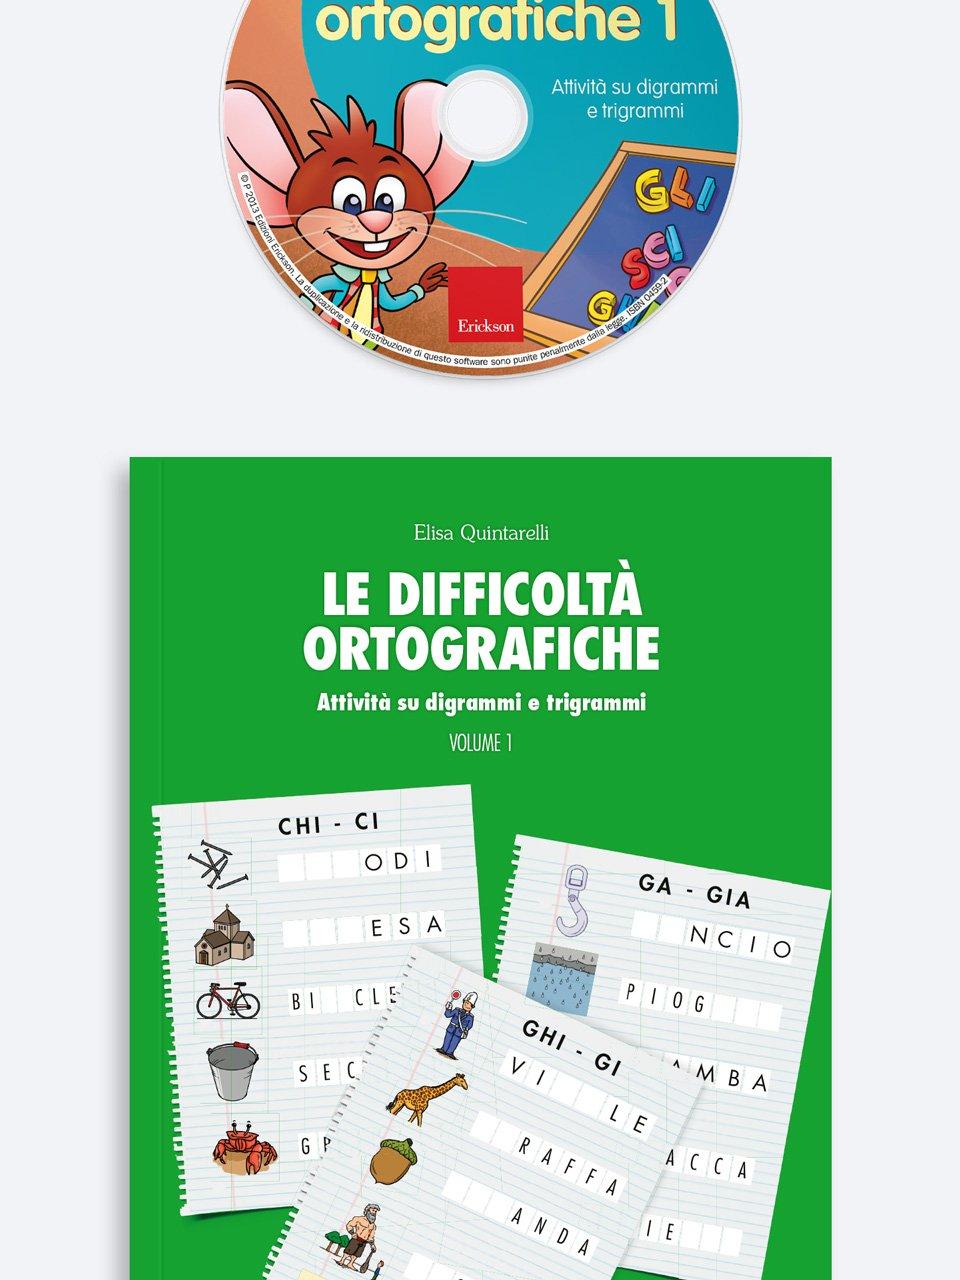 Le difficoltà ortografiche - Volume 1 - Schede per Tablotto (6-8 anni) - Grammatica incant - Giochi - Erickson